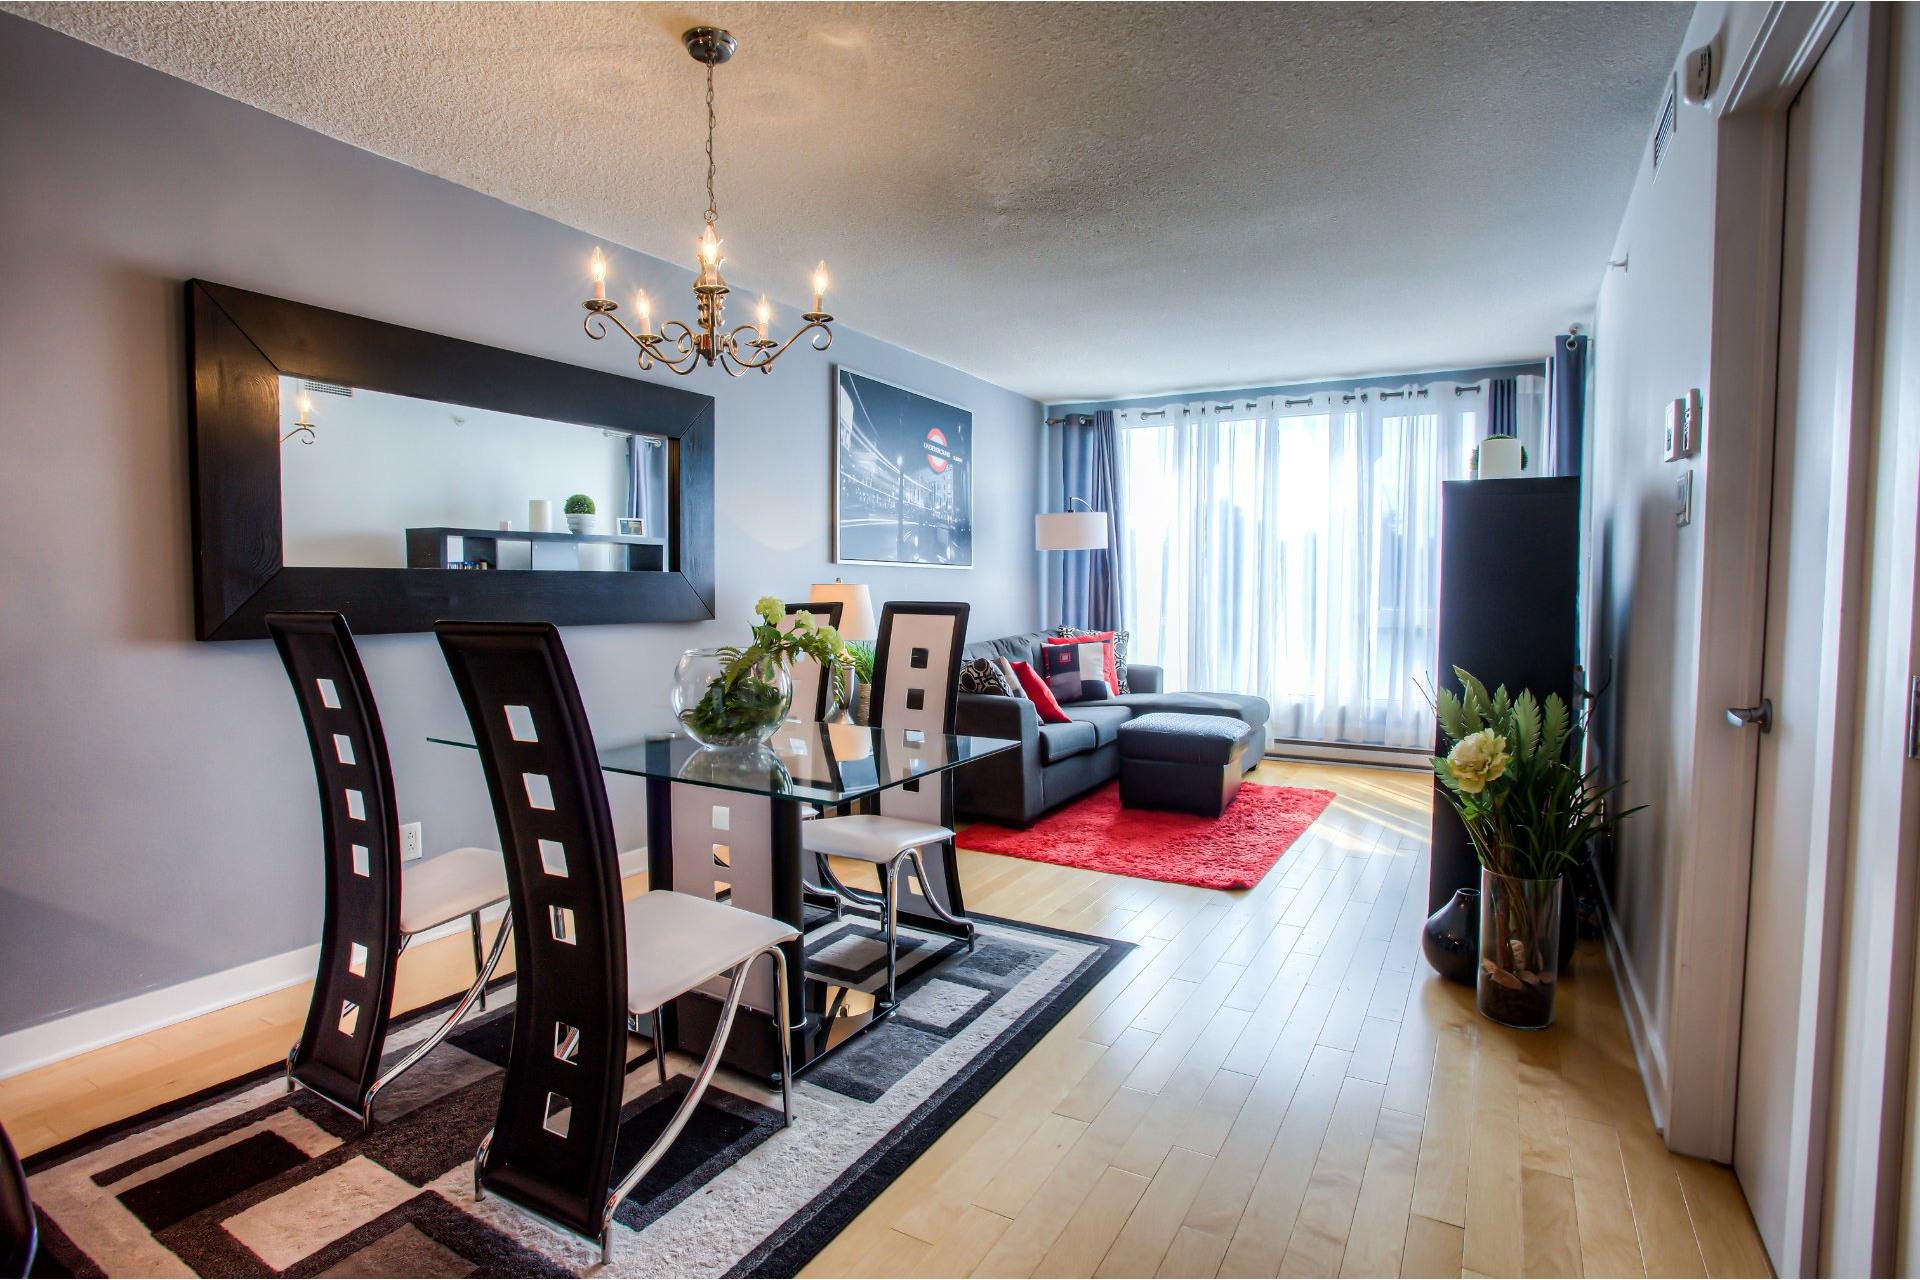 image 9 - Appartement À vendre Ahuntsic-Cartierville Montréal  - 3 pièces